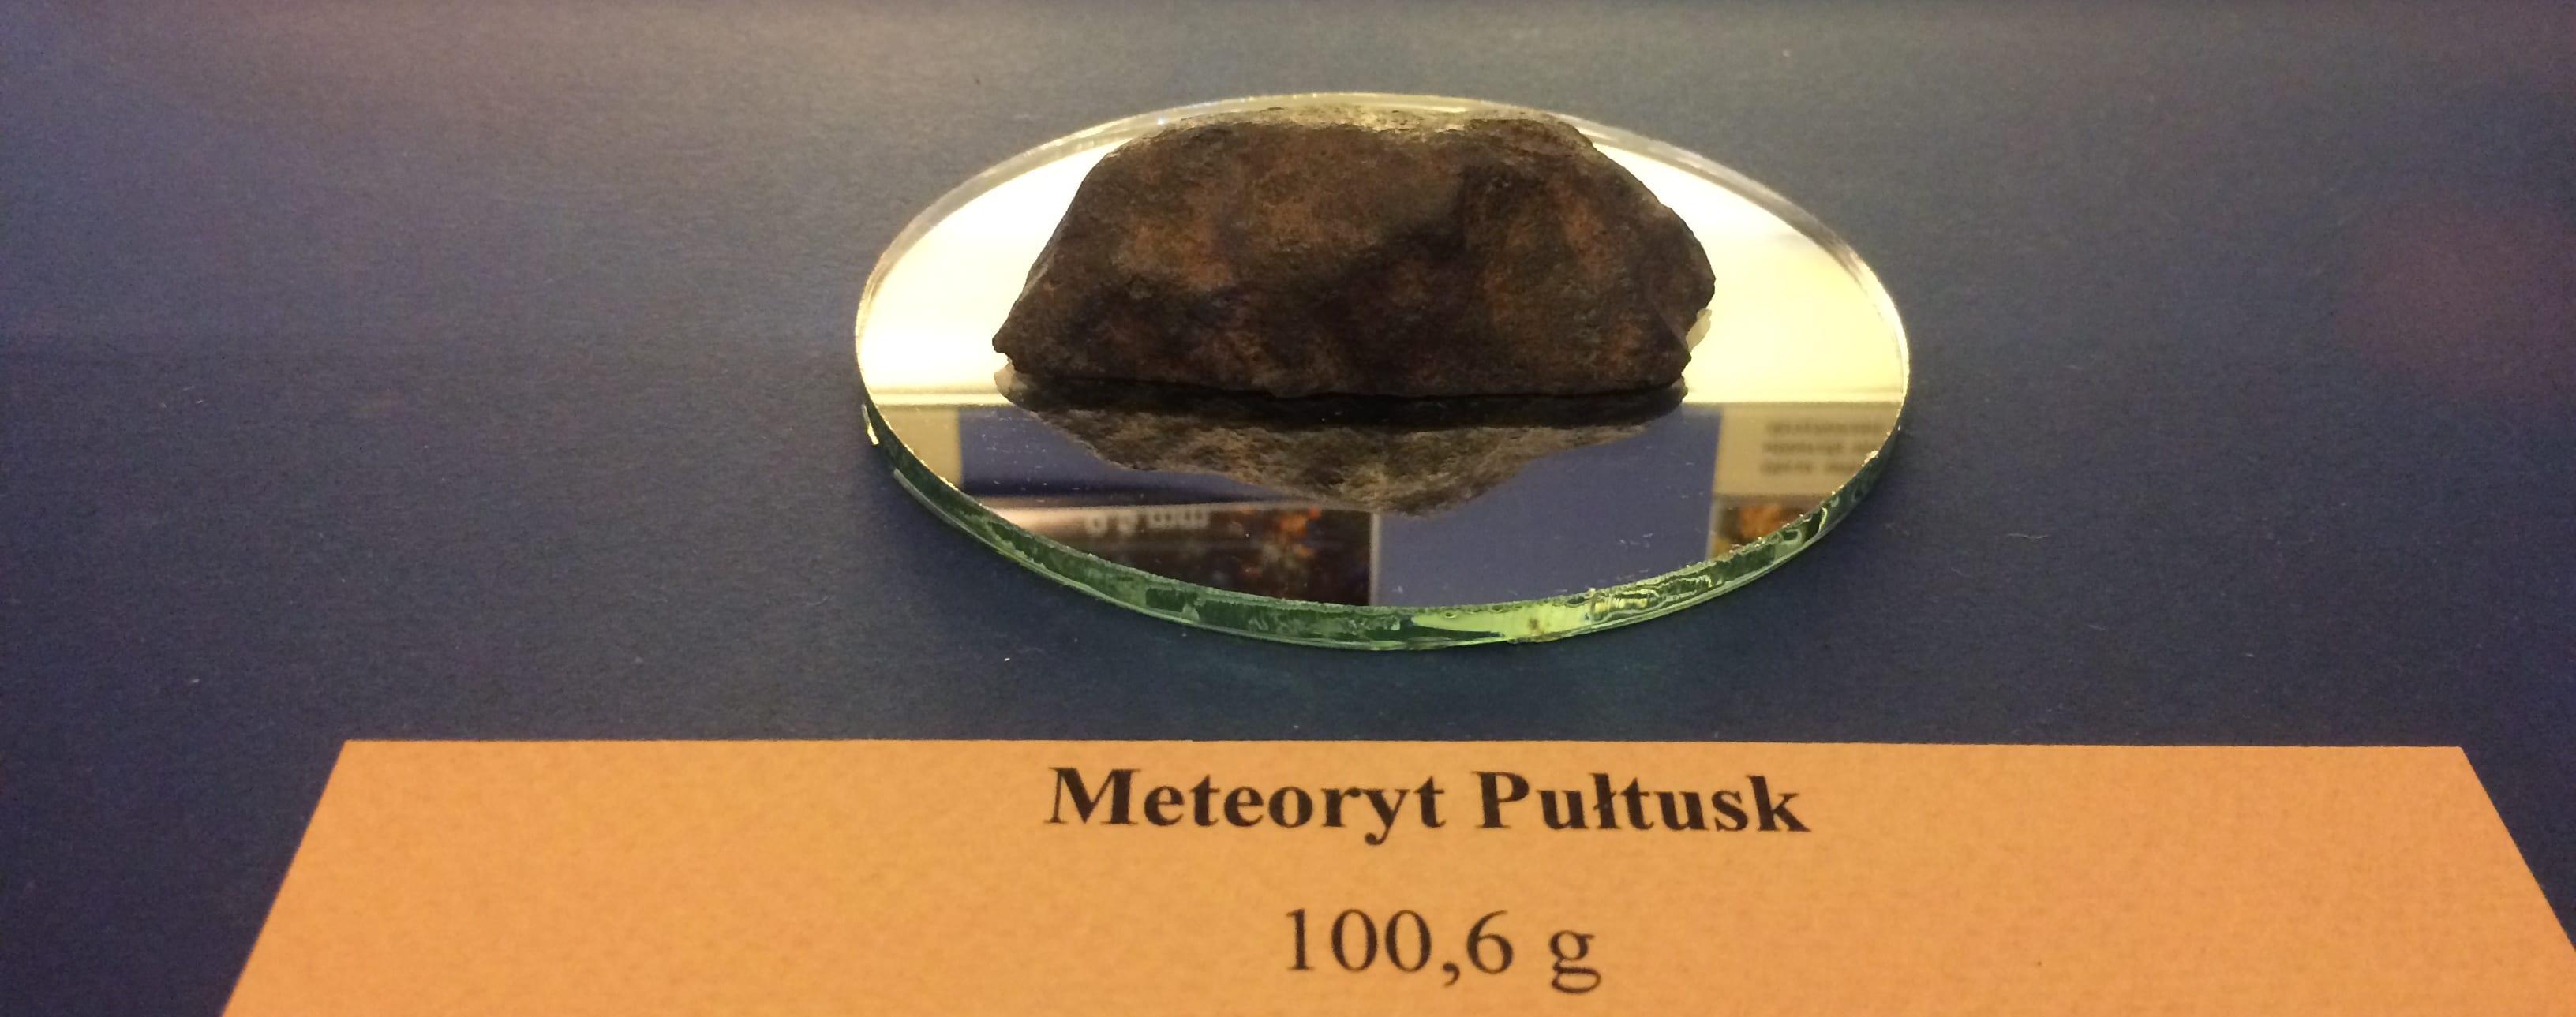 meteoryt Pułtusk - fragment kosmicznej skały